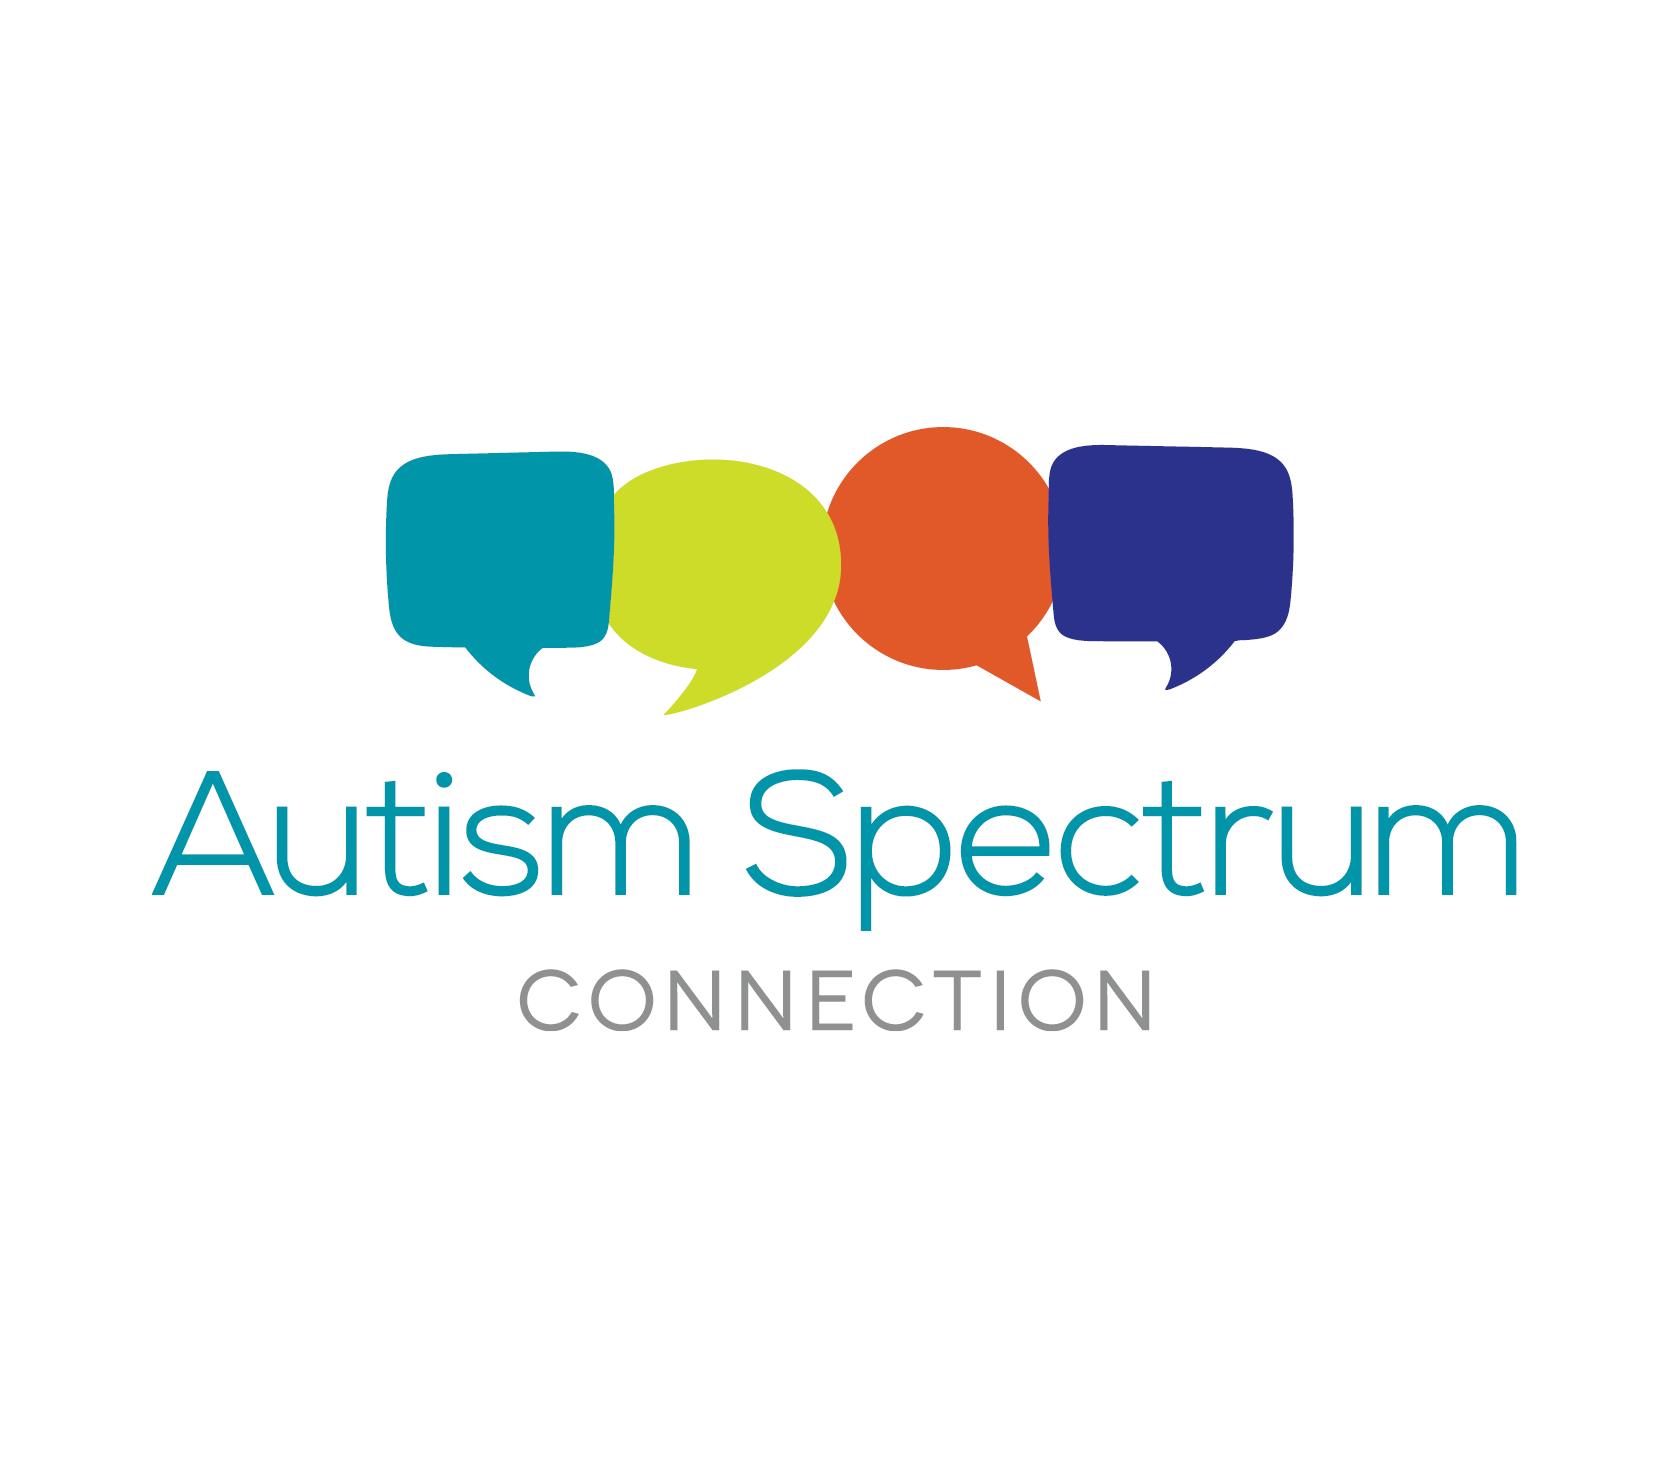 asc website announcement extend